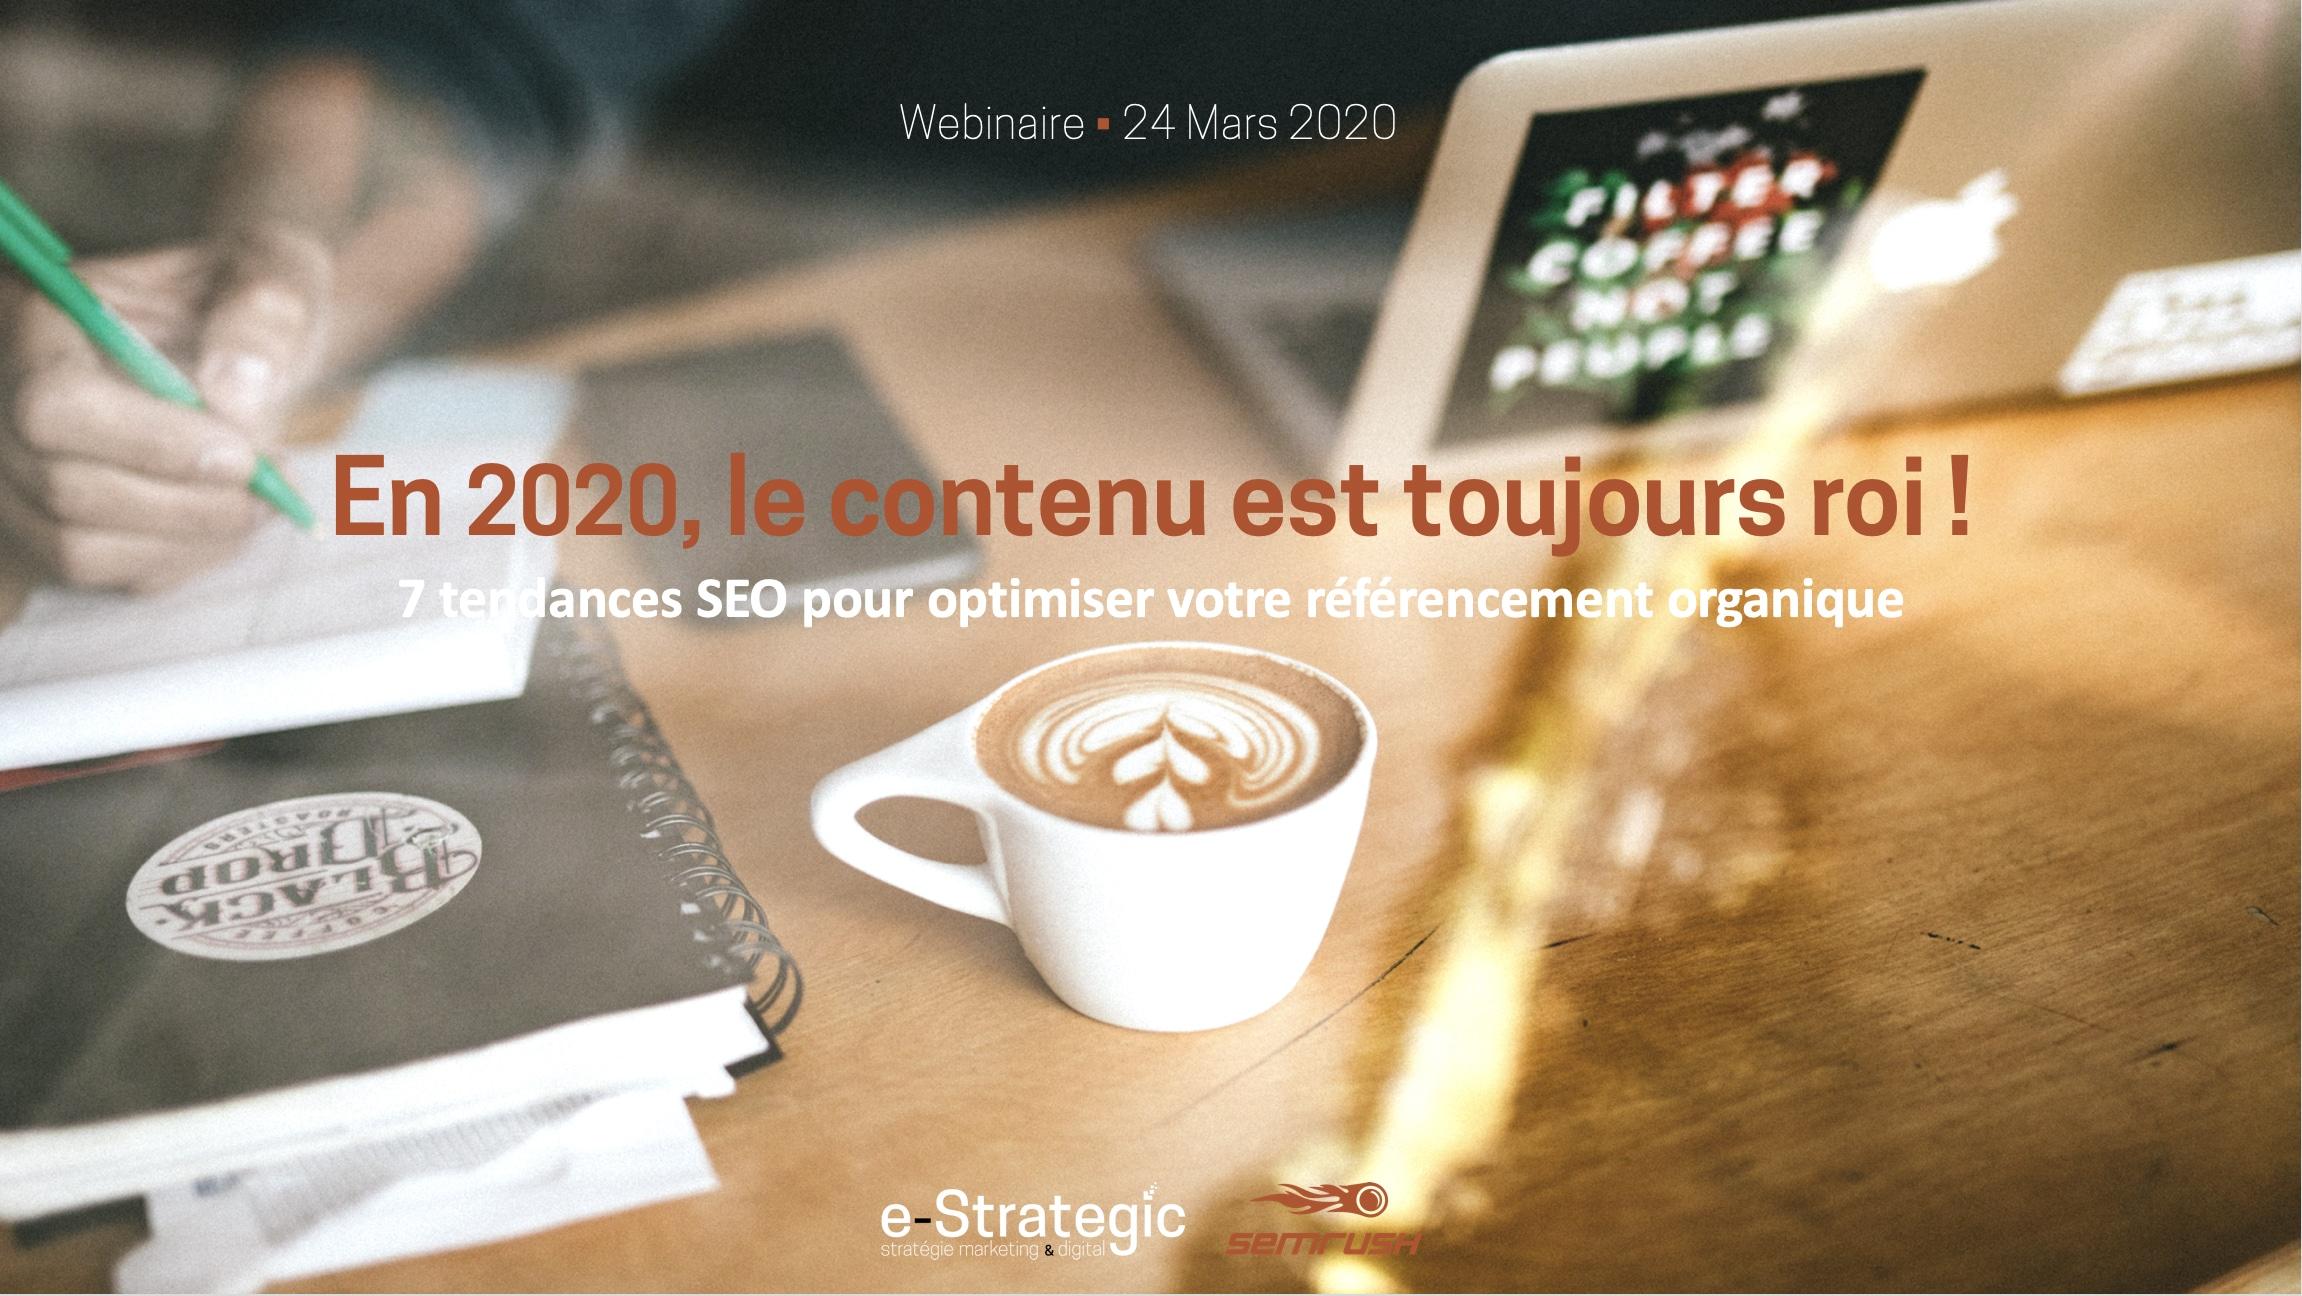 Les 7 tendances SEO en 2020 : le contenu est toujours roi !